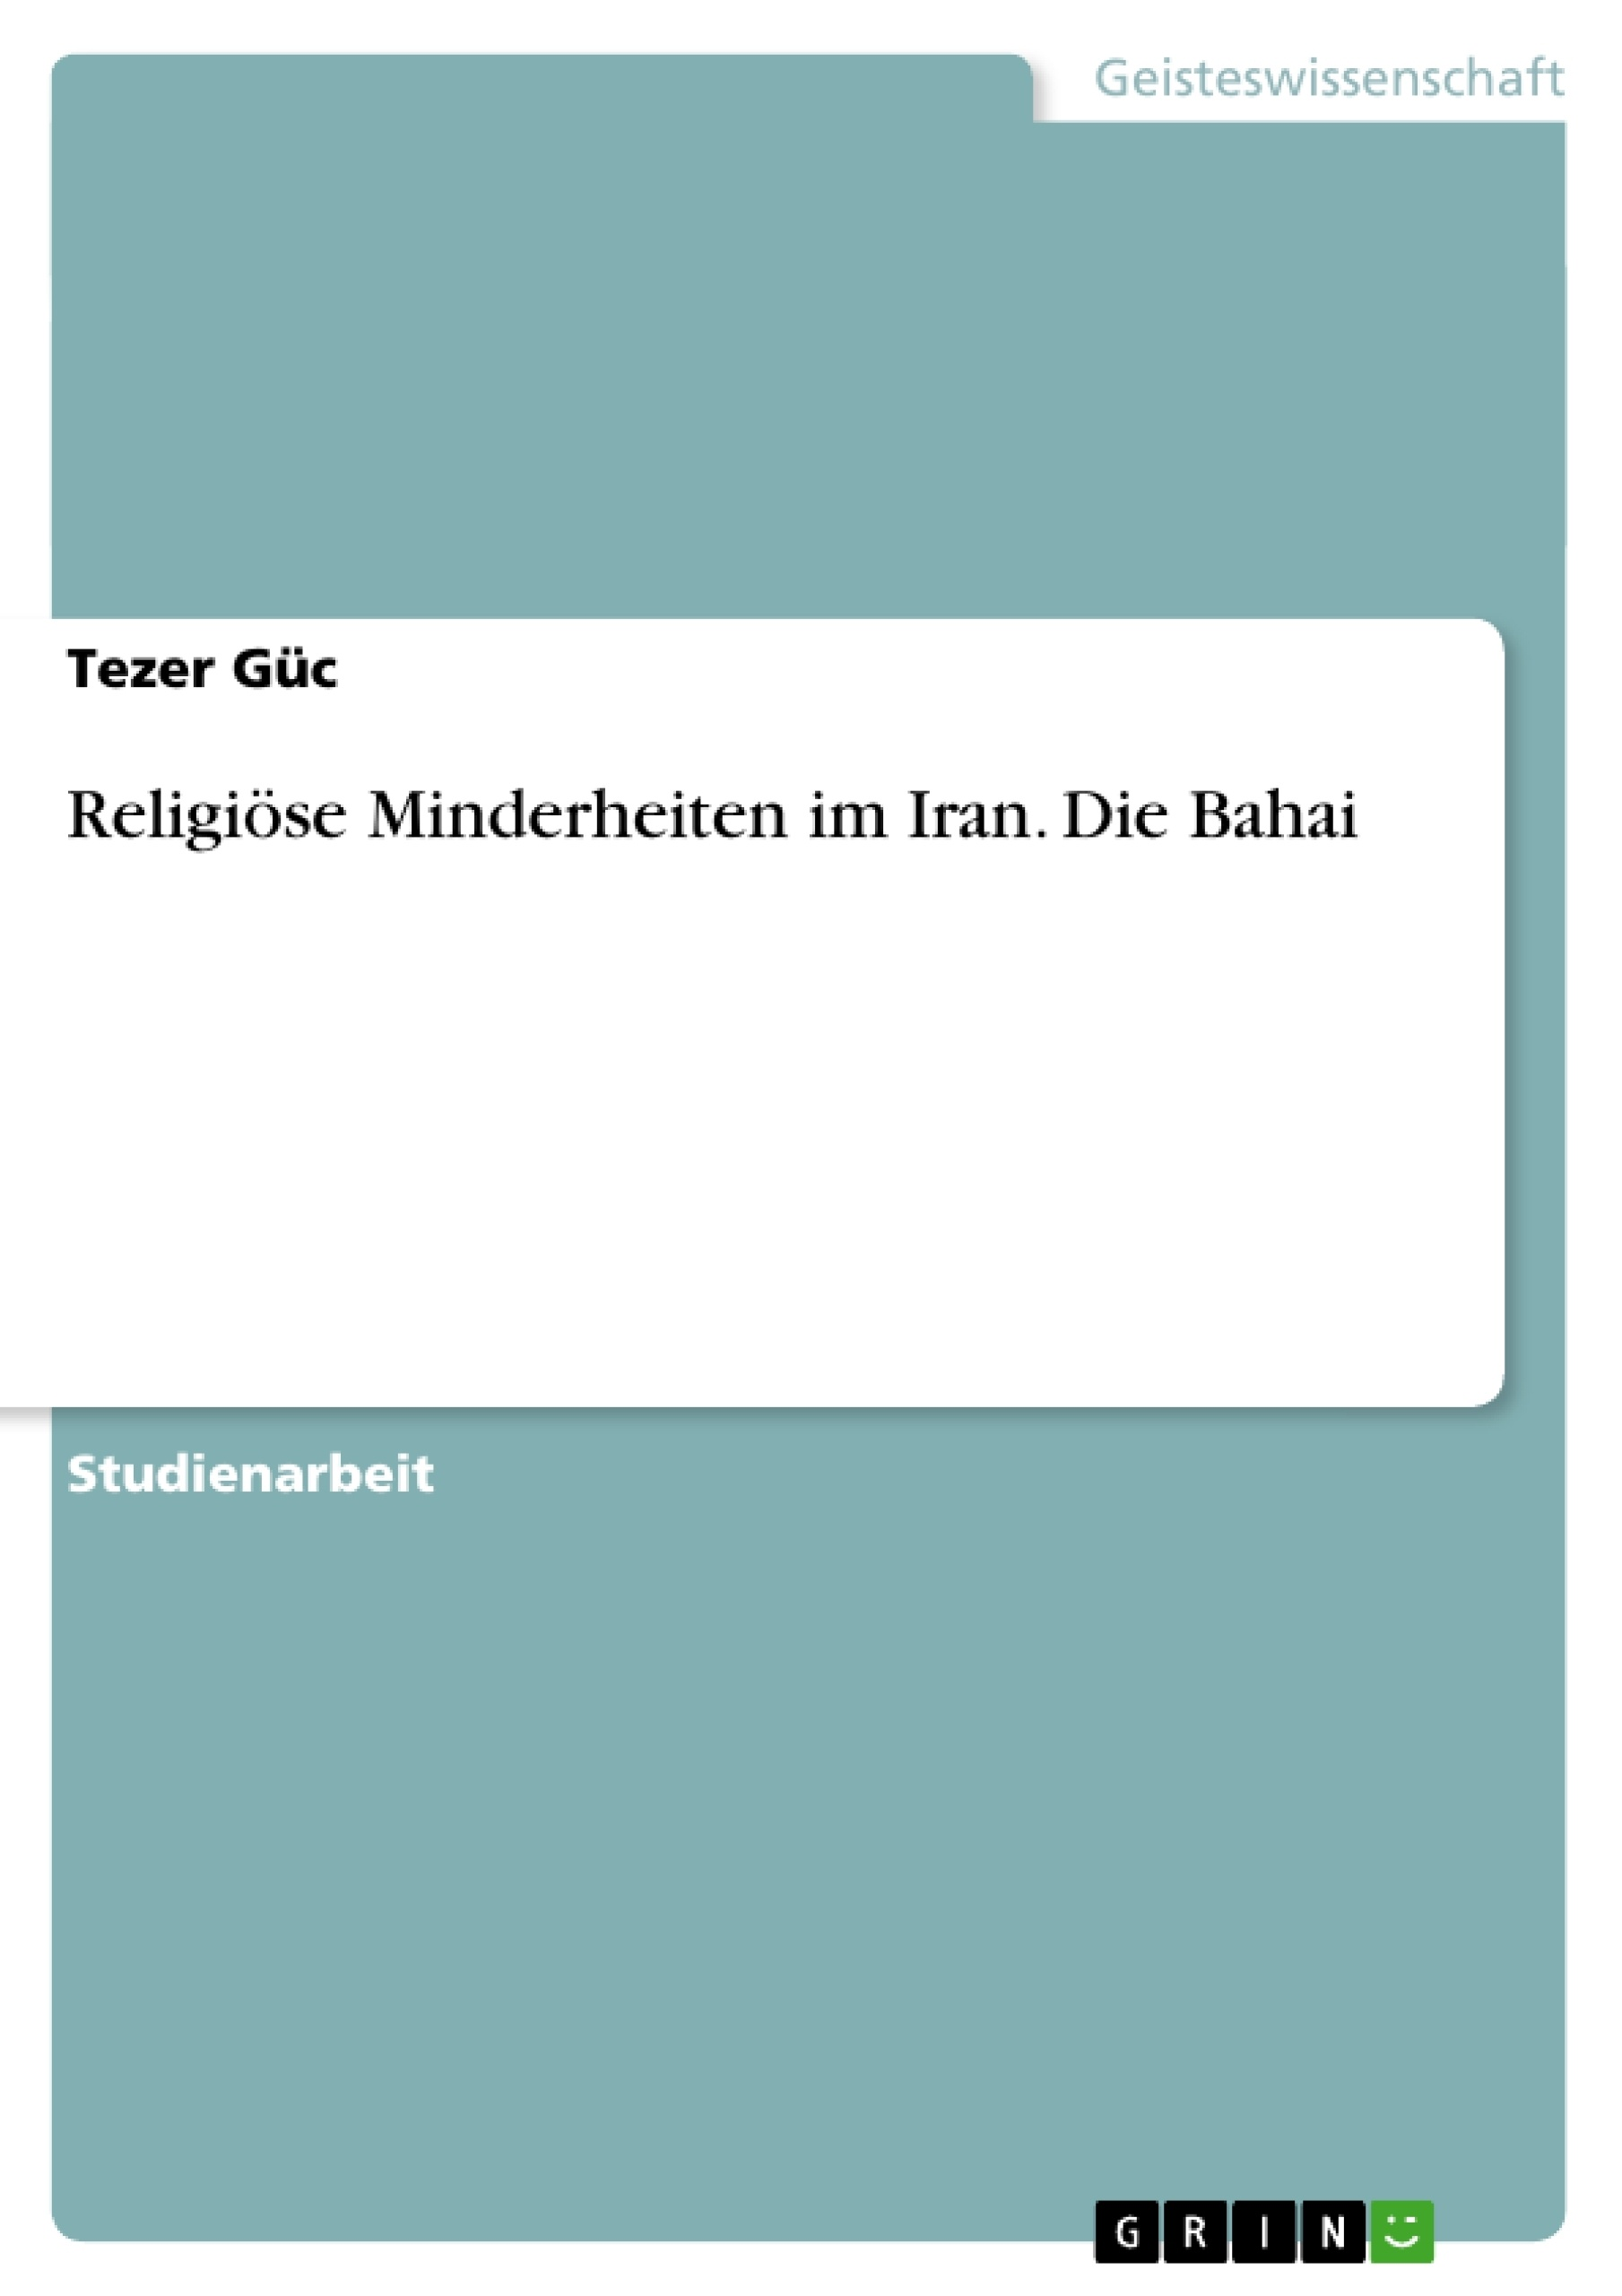 Titel: Religiöse Minderheiten im Iran. Die Bahai